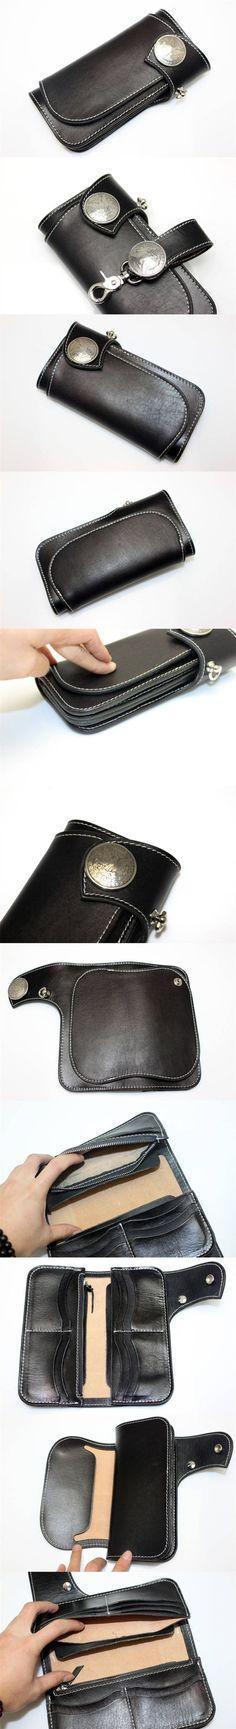 New Black Leather Handmade Mens Biker Rocker Redmoon Goro Style Wallet w Concho   eBay